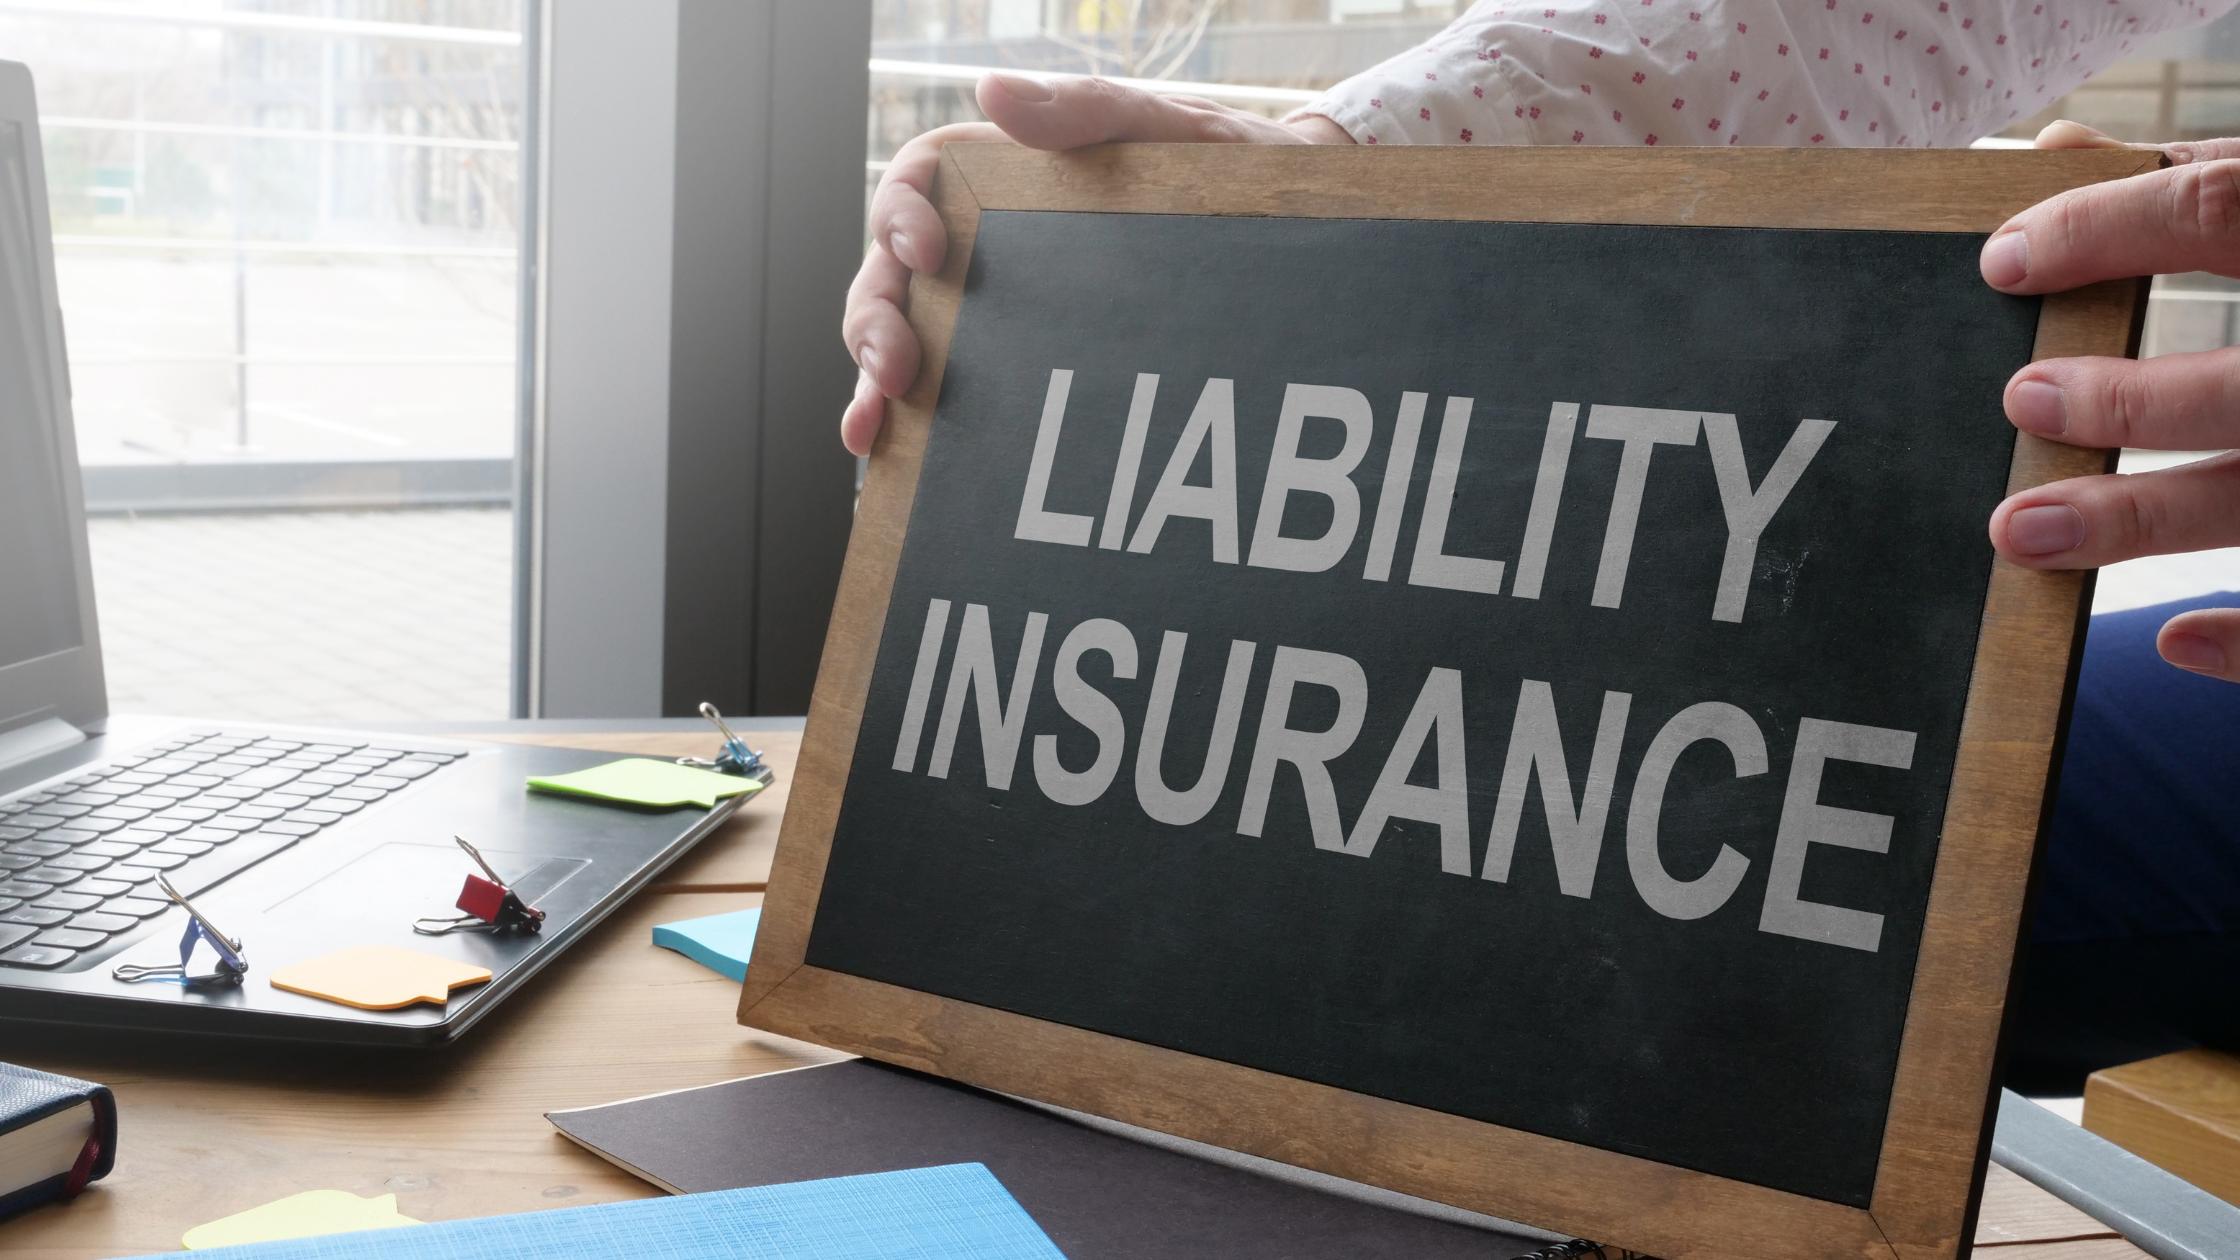 Liabilty Homeowners Insurance